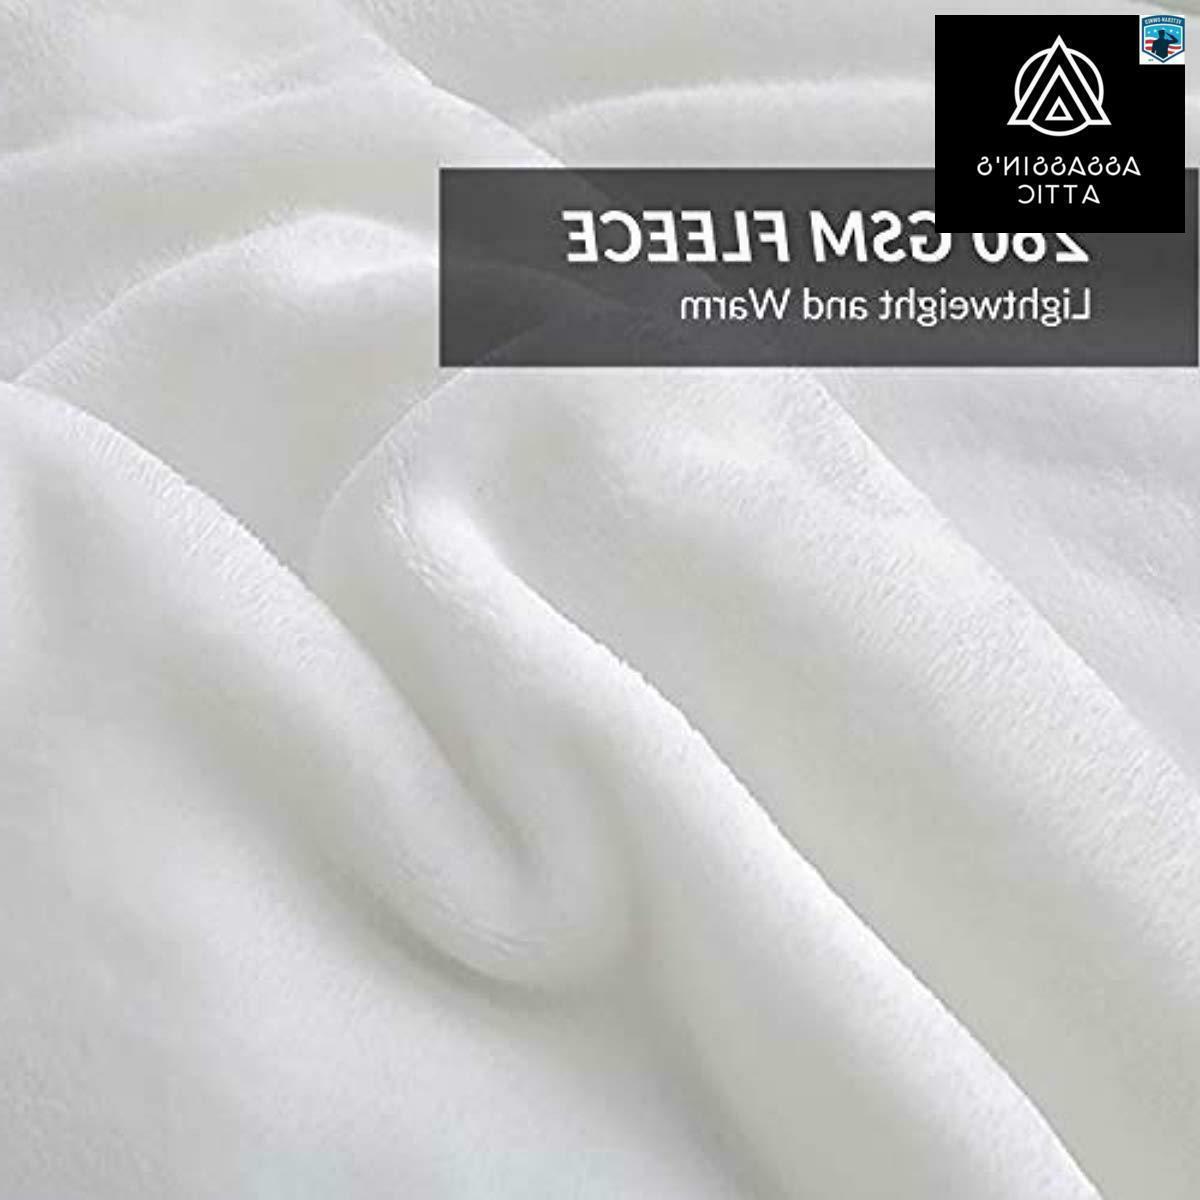 Bedsure Blanket Size Blanket Super Soft Cozy